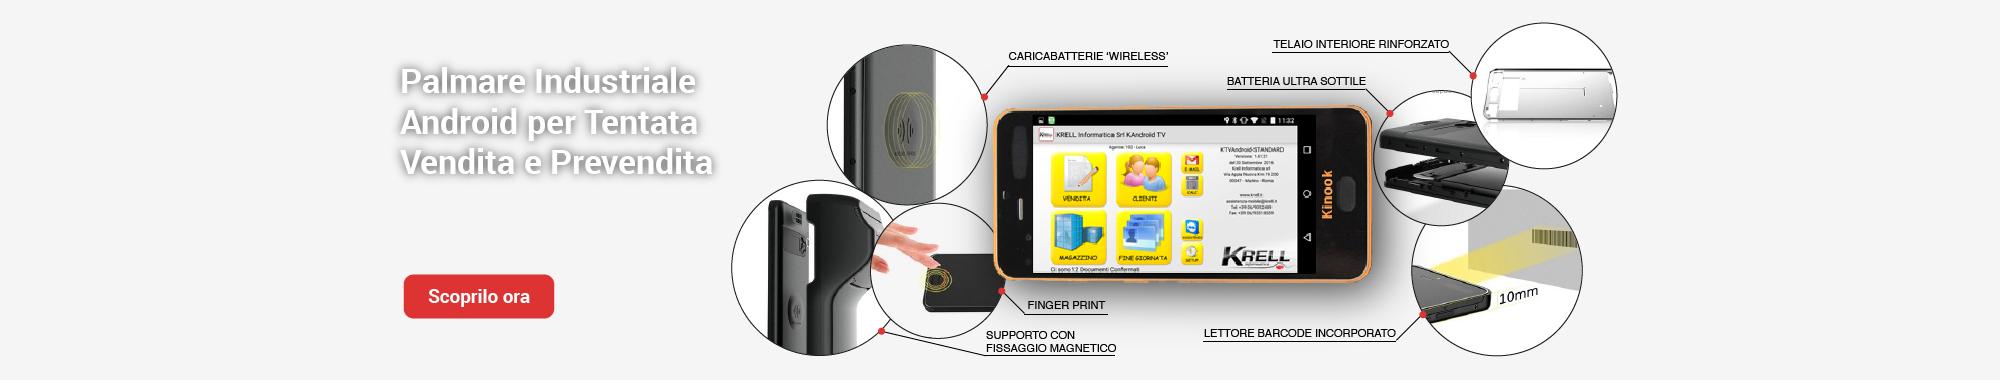 Kinook palmare android per tenatata vendita e prevendita